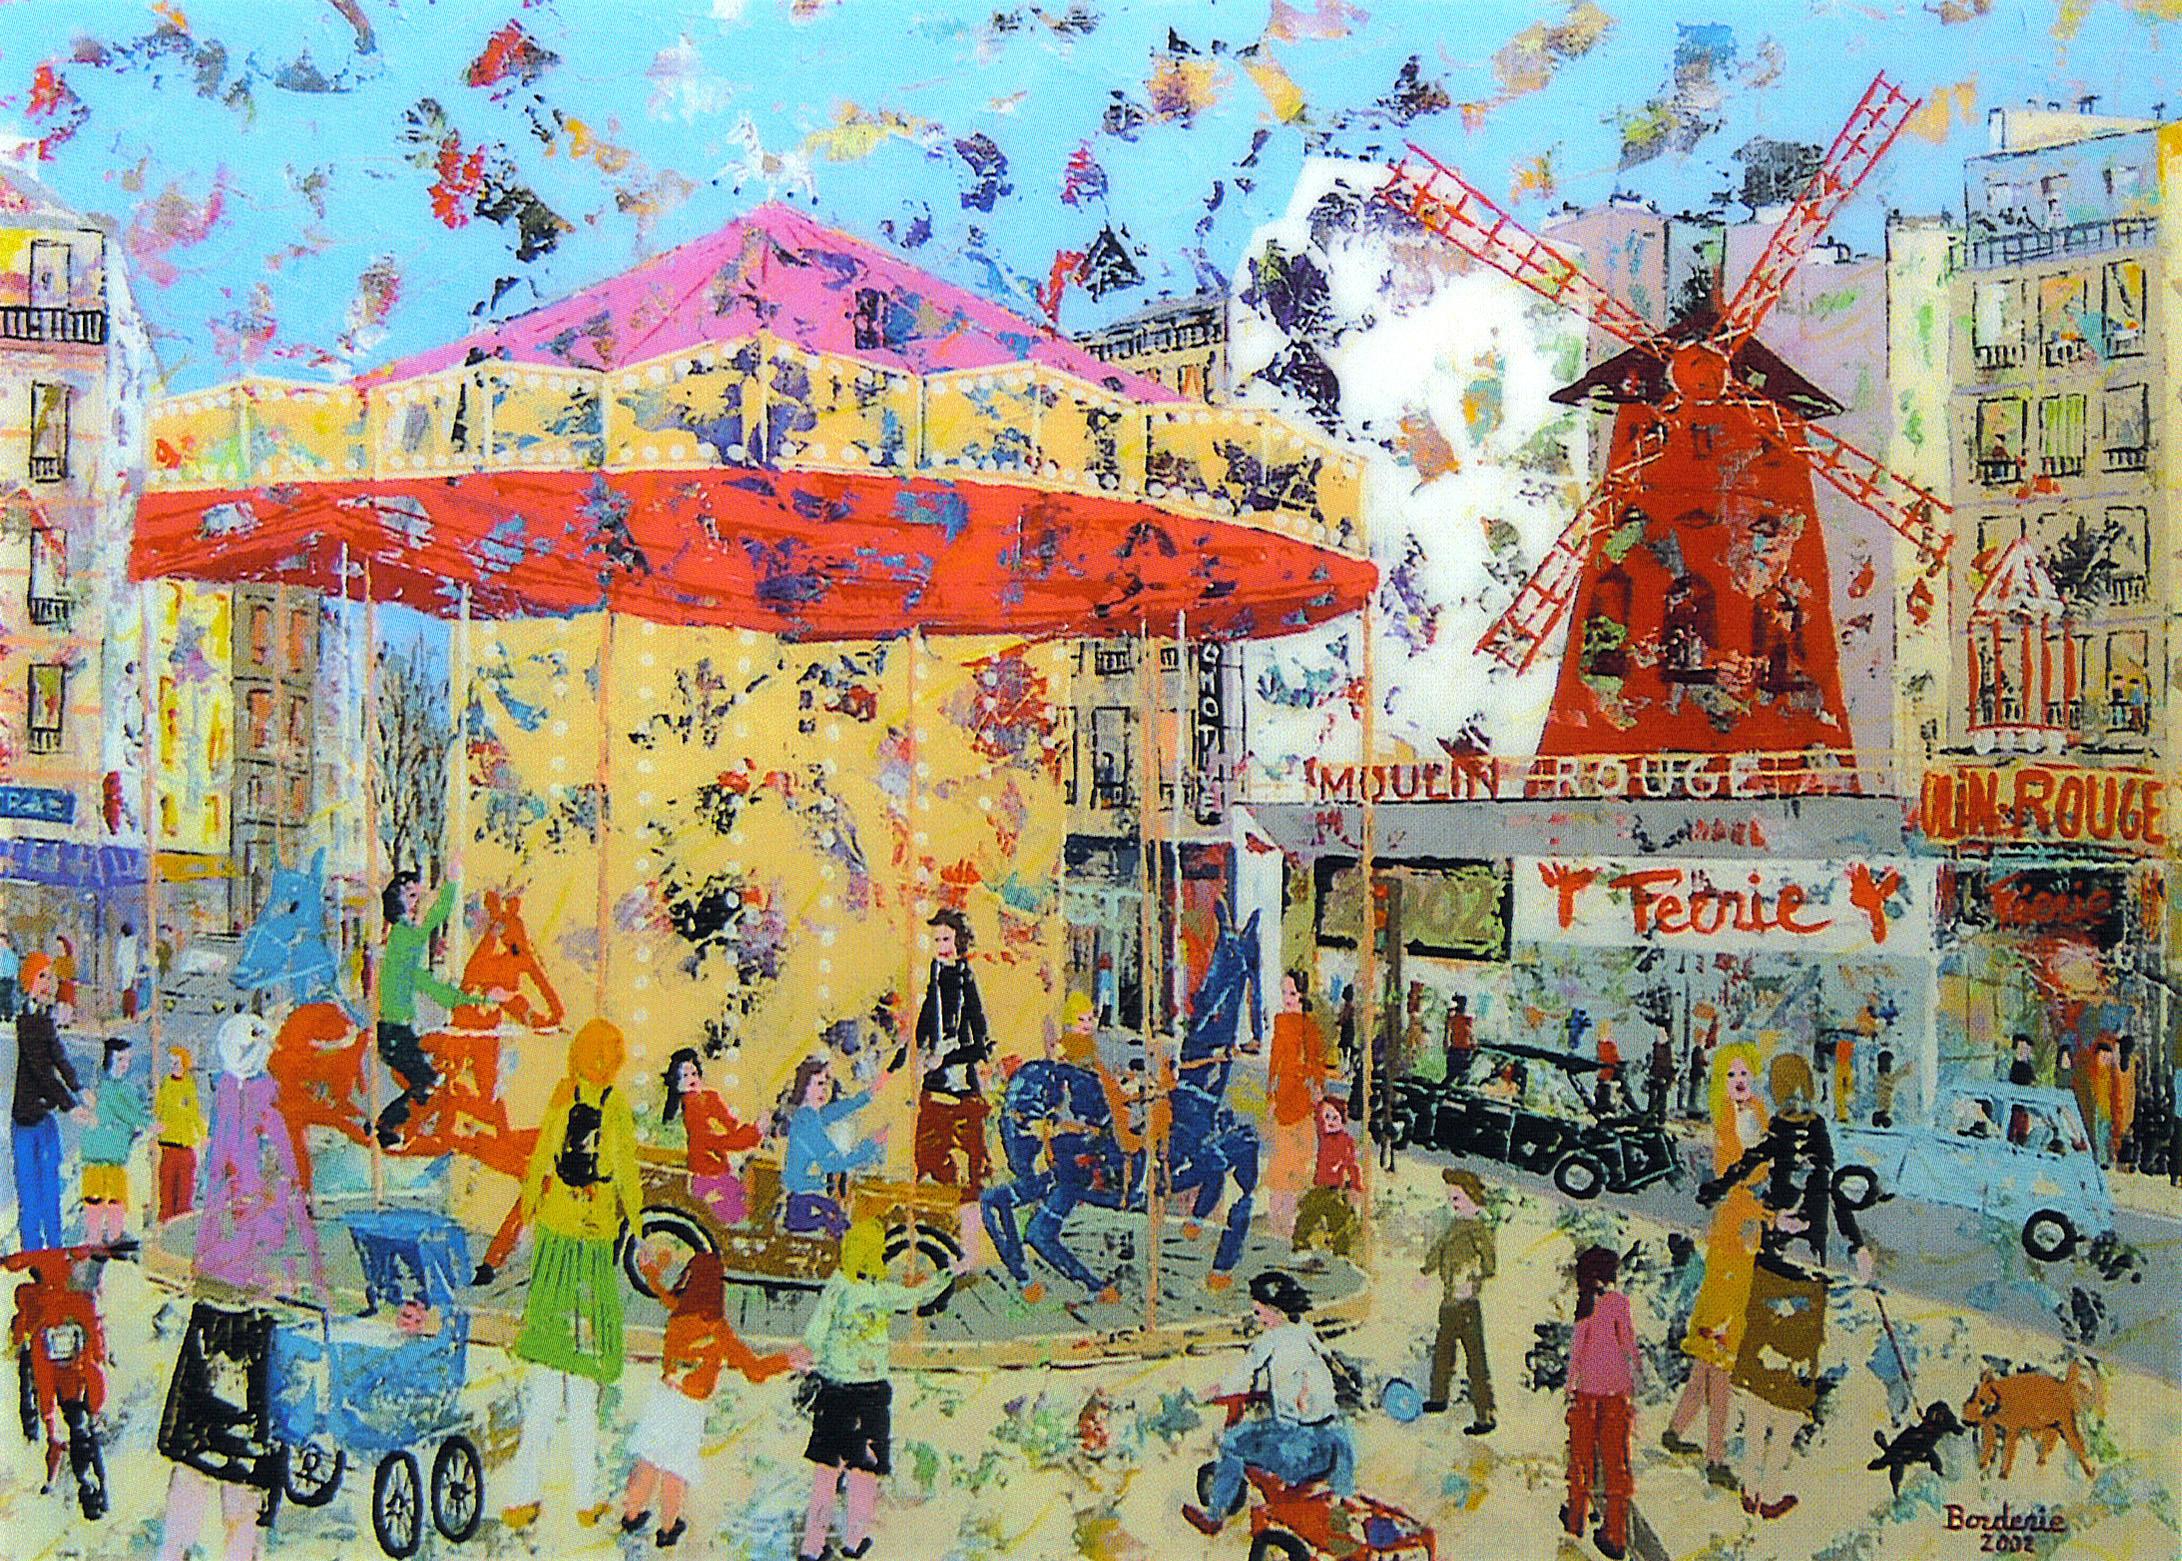 manège_devant_le_moulin_rouge_60F.  2002